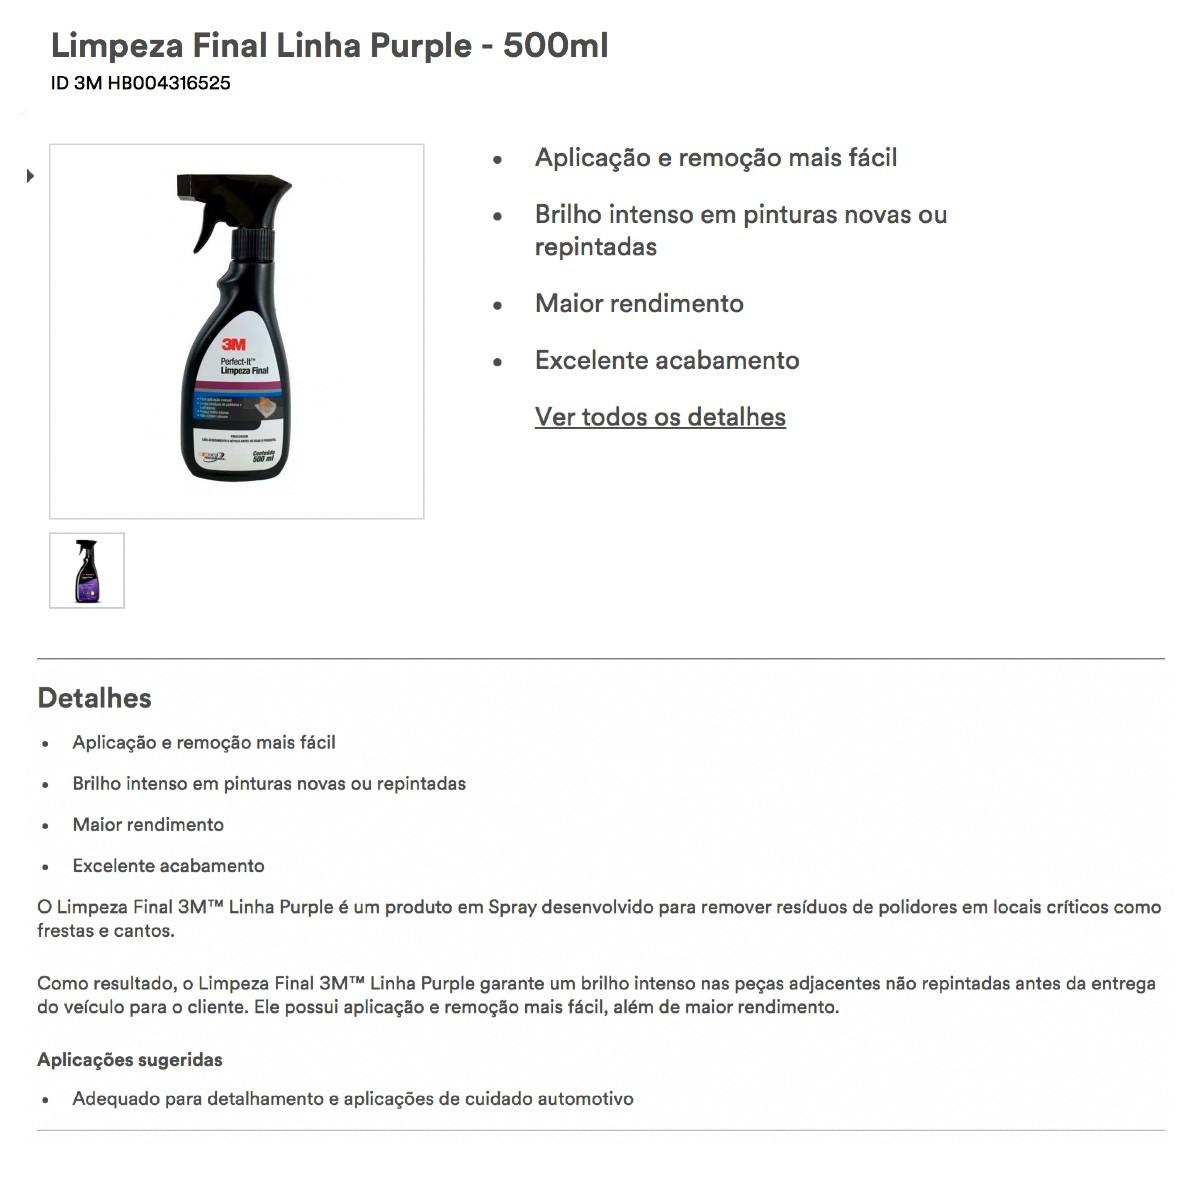 Limpeza Final Perfect-it 500ml 3m O Melhor Preço